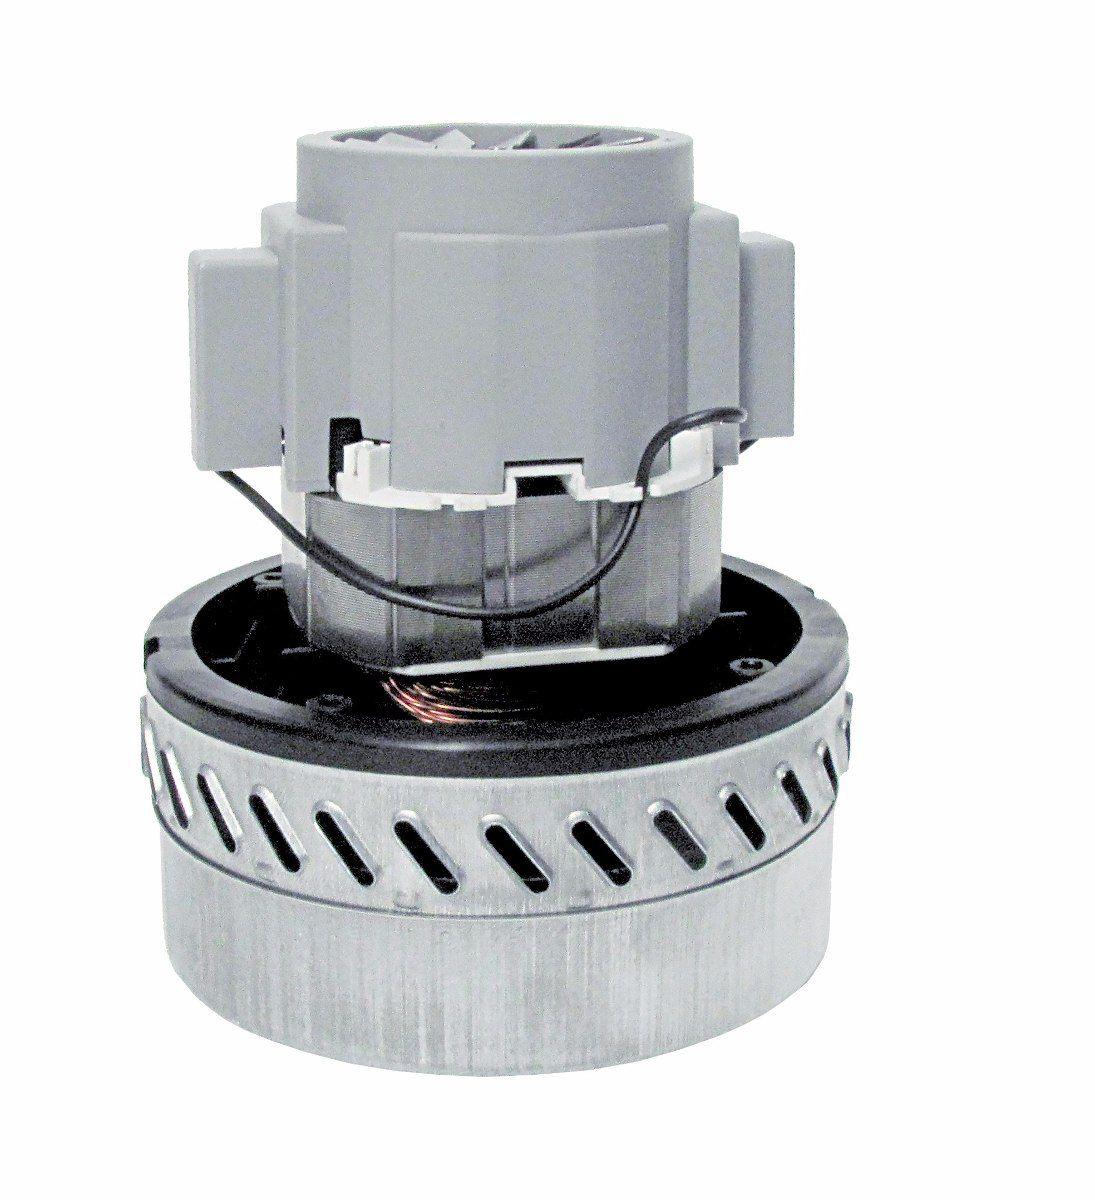 Motor de aspirador e Extratora Aguá e pó BPS2S Dupla Turbina - IPC Brasil SOTECO